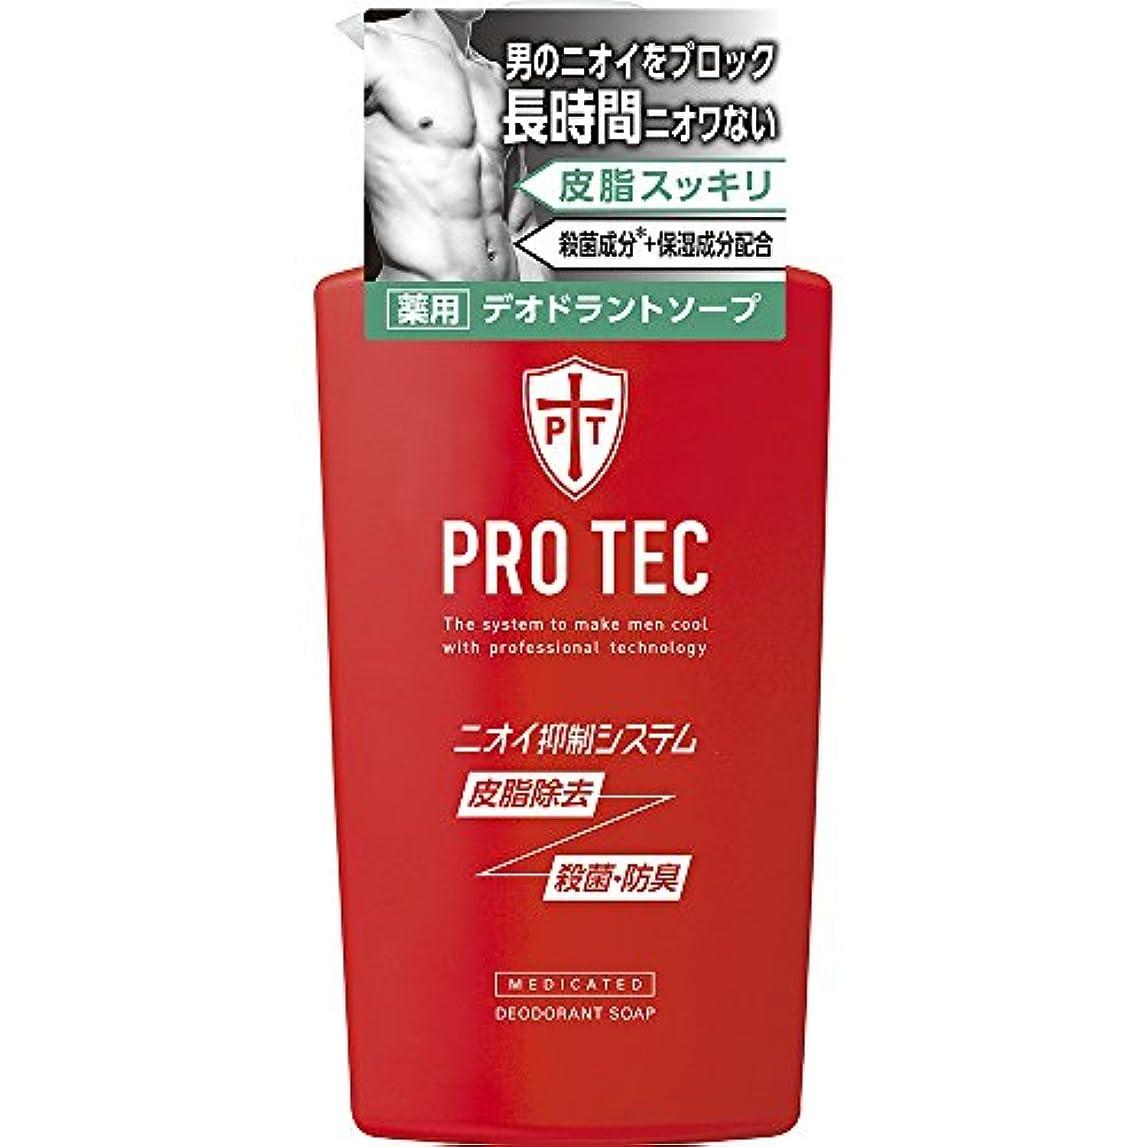 膨らませるギャロップ読者PRO TEC(プロテク) デオドラントソープ 本体ポンプ 420ml